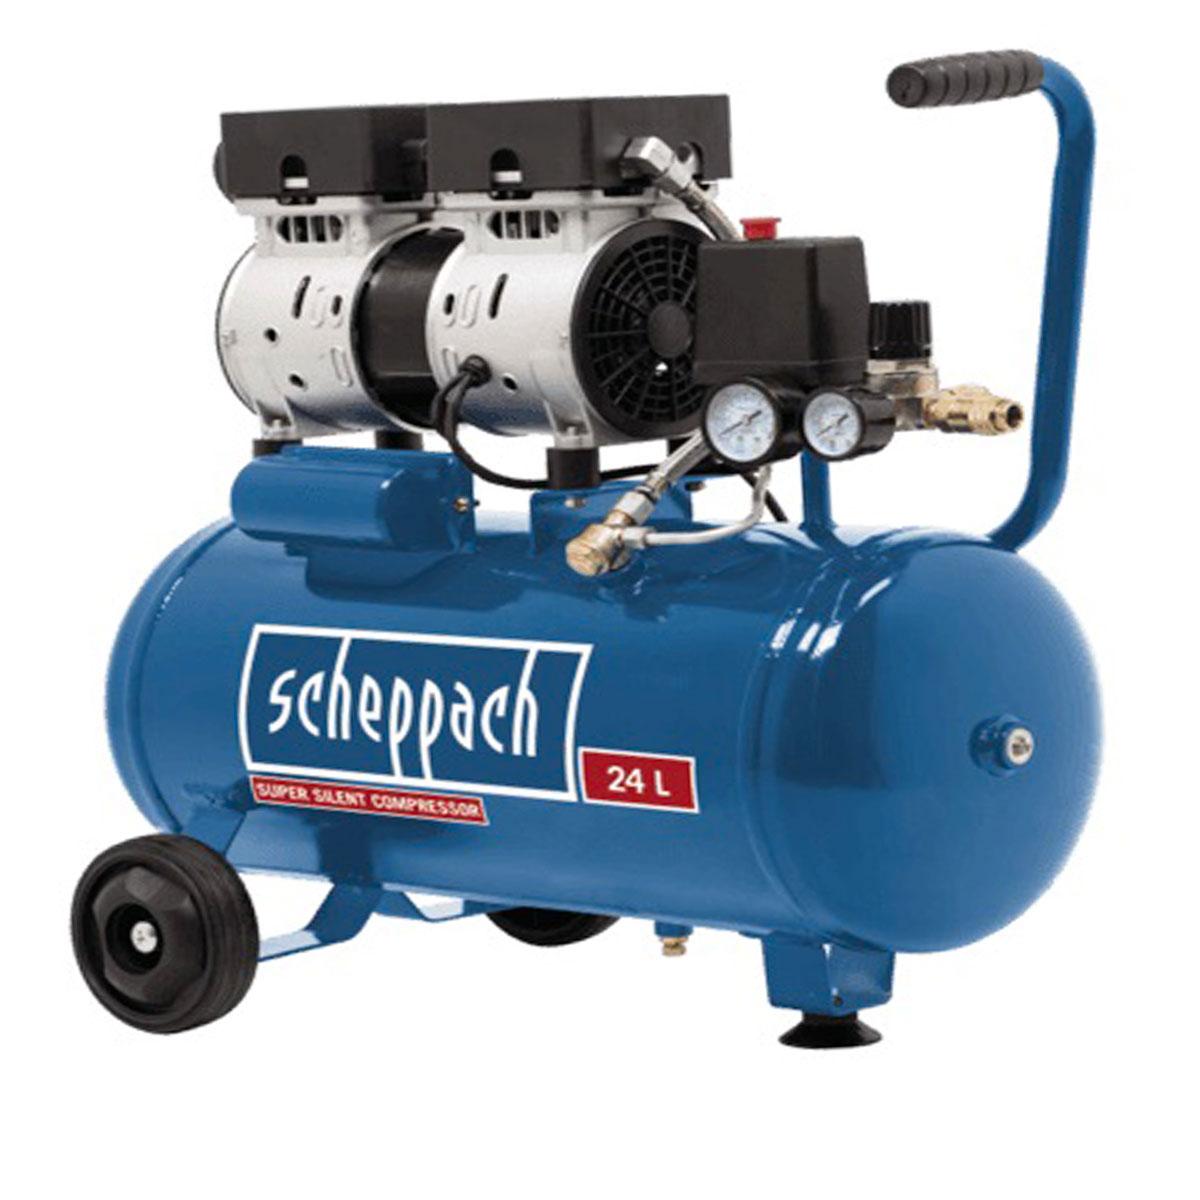 Scheppach HC 24 Si, tichý bezolajový kompresor